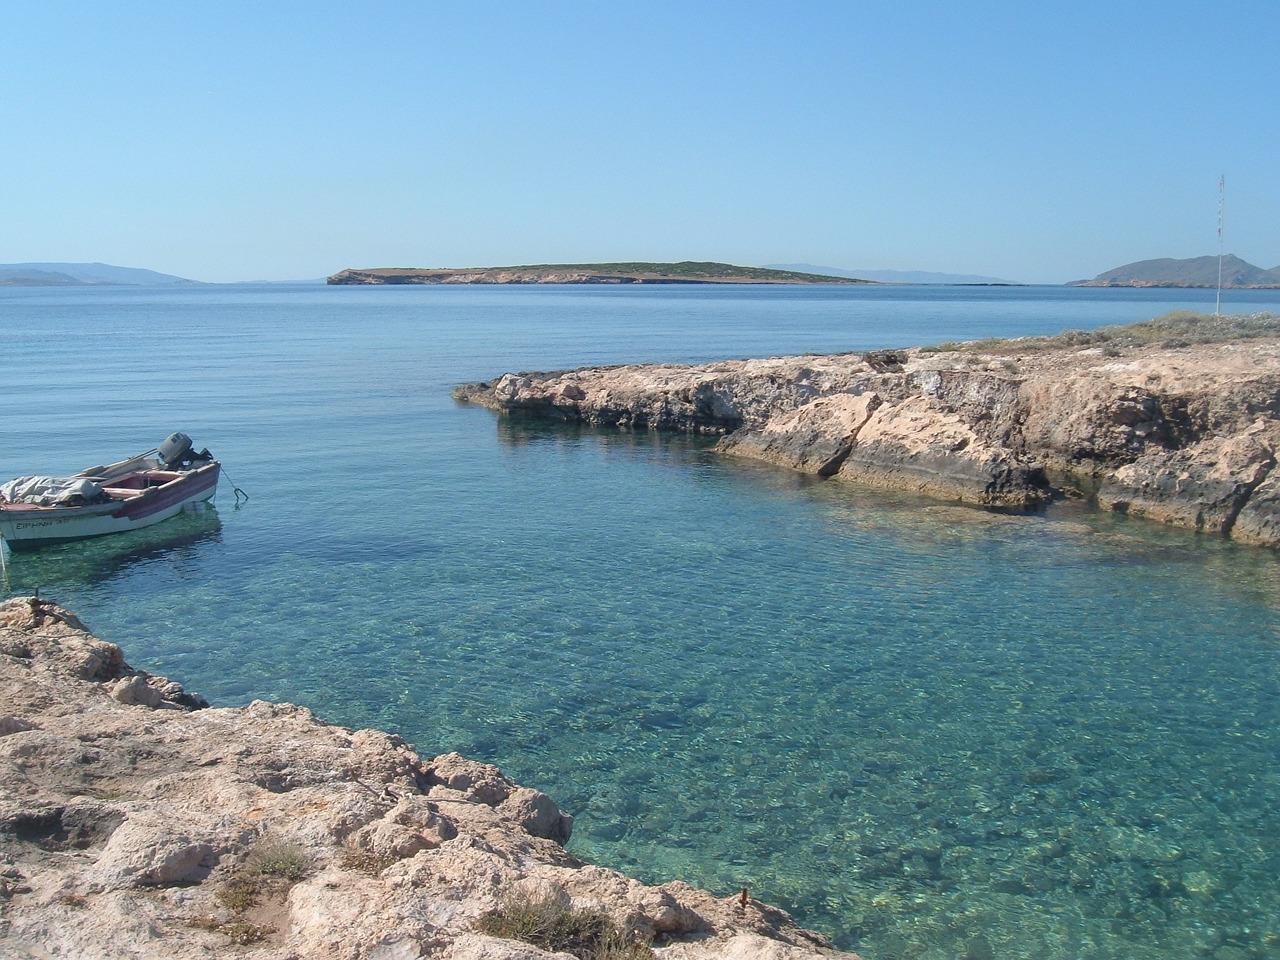 Η Πάρος ψηφίστηκε ως το καλύτερο νησί της Ευρώπης - RADIO NORTH 98.0